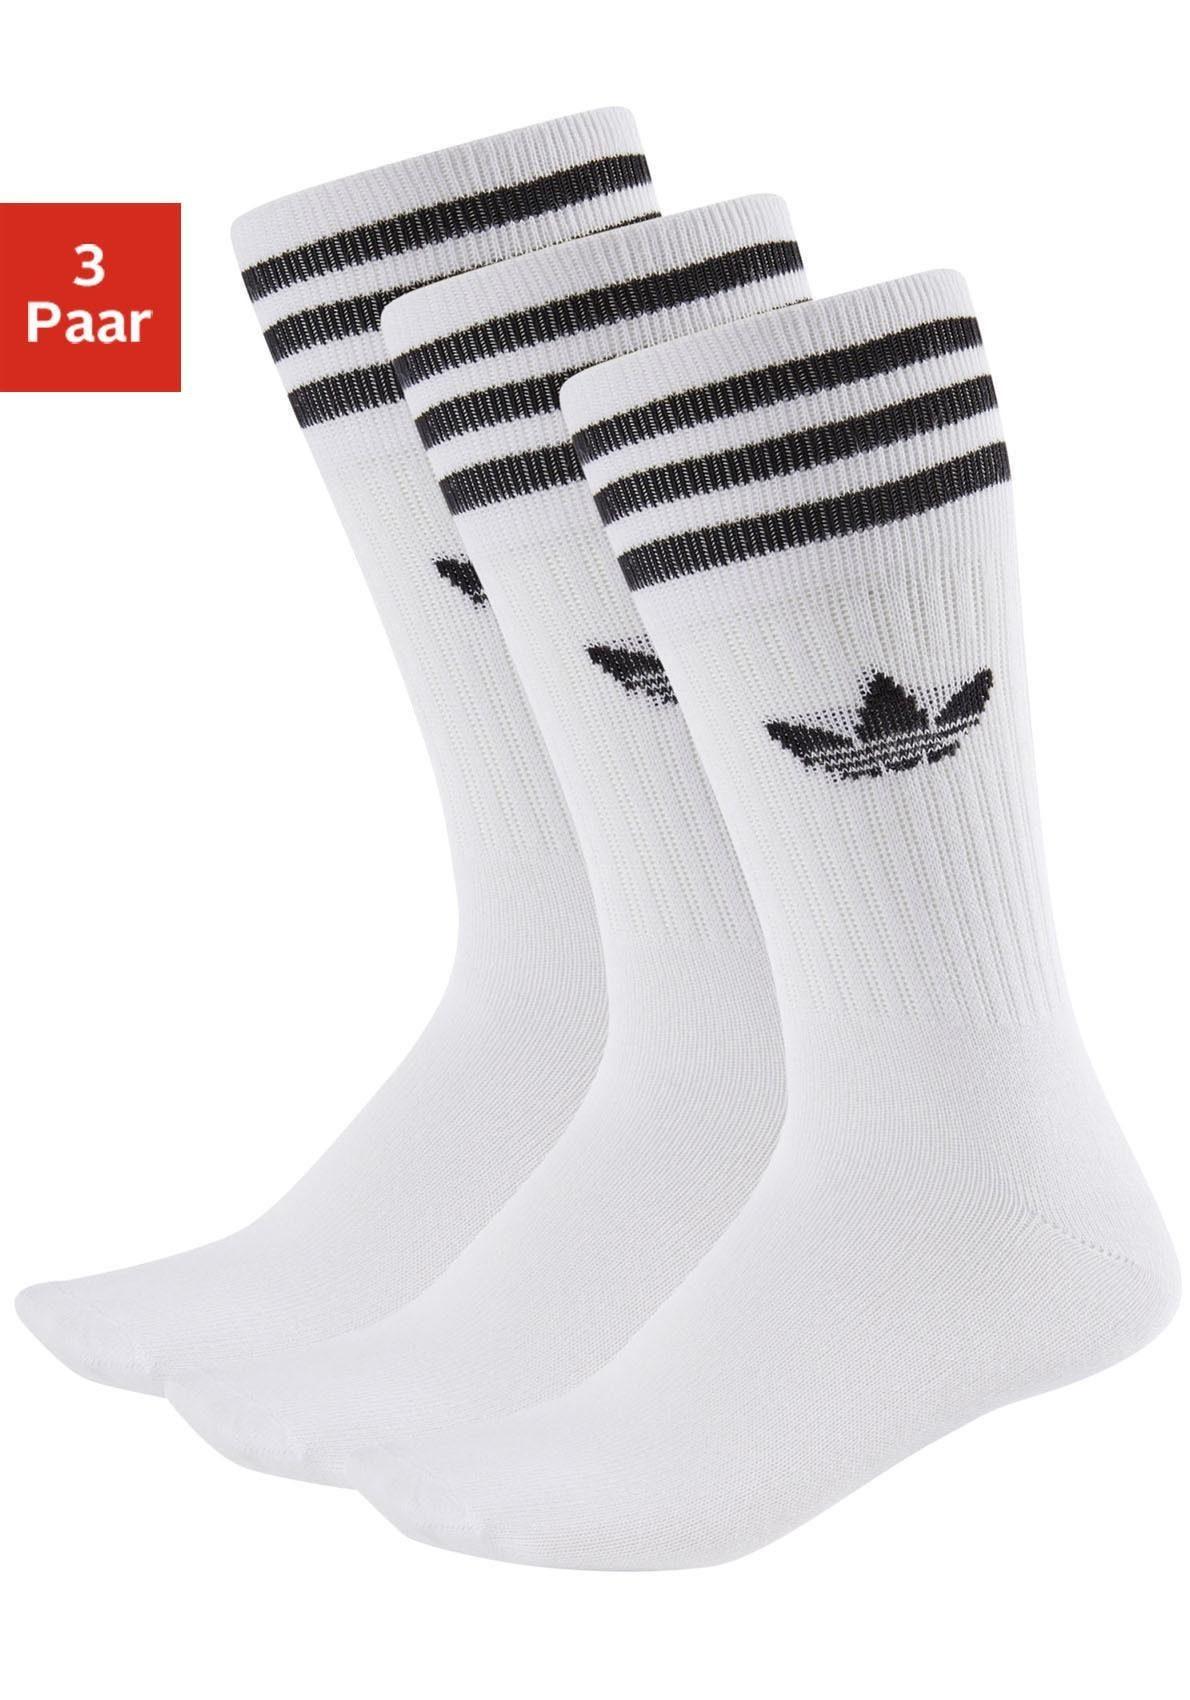 adidas 3 Streifen Kniestrümpfe, 3 Paar Mehrfarbig | adidas Deutschland